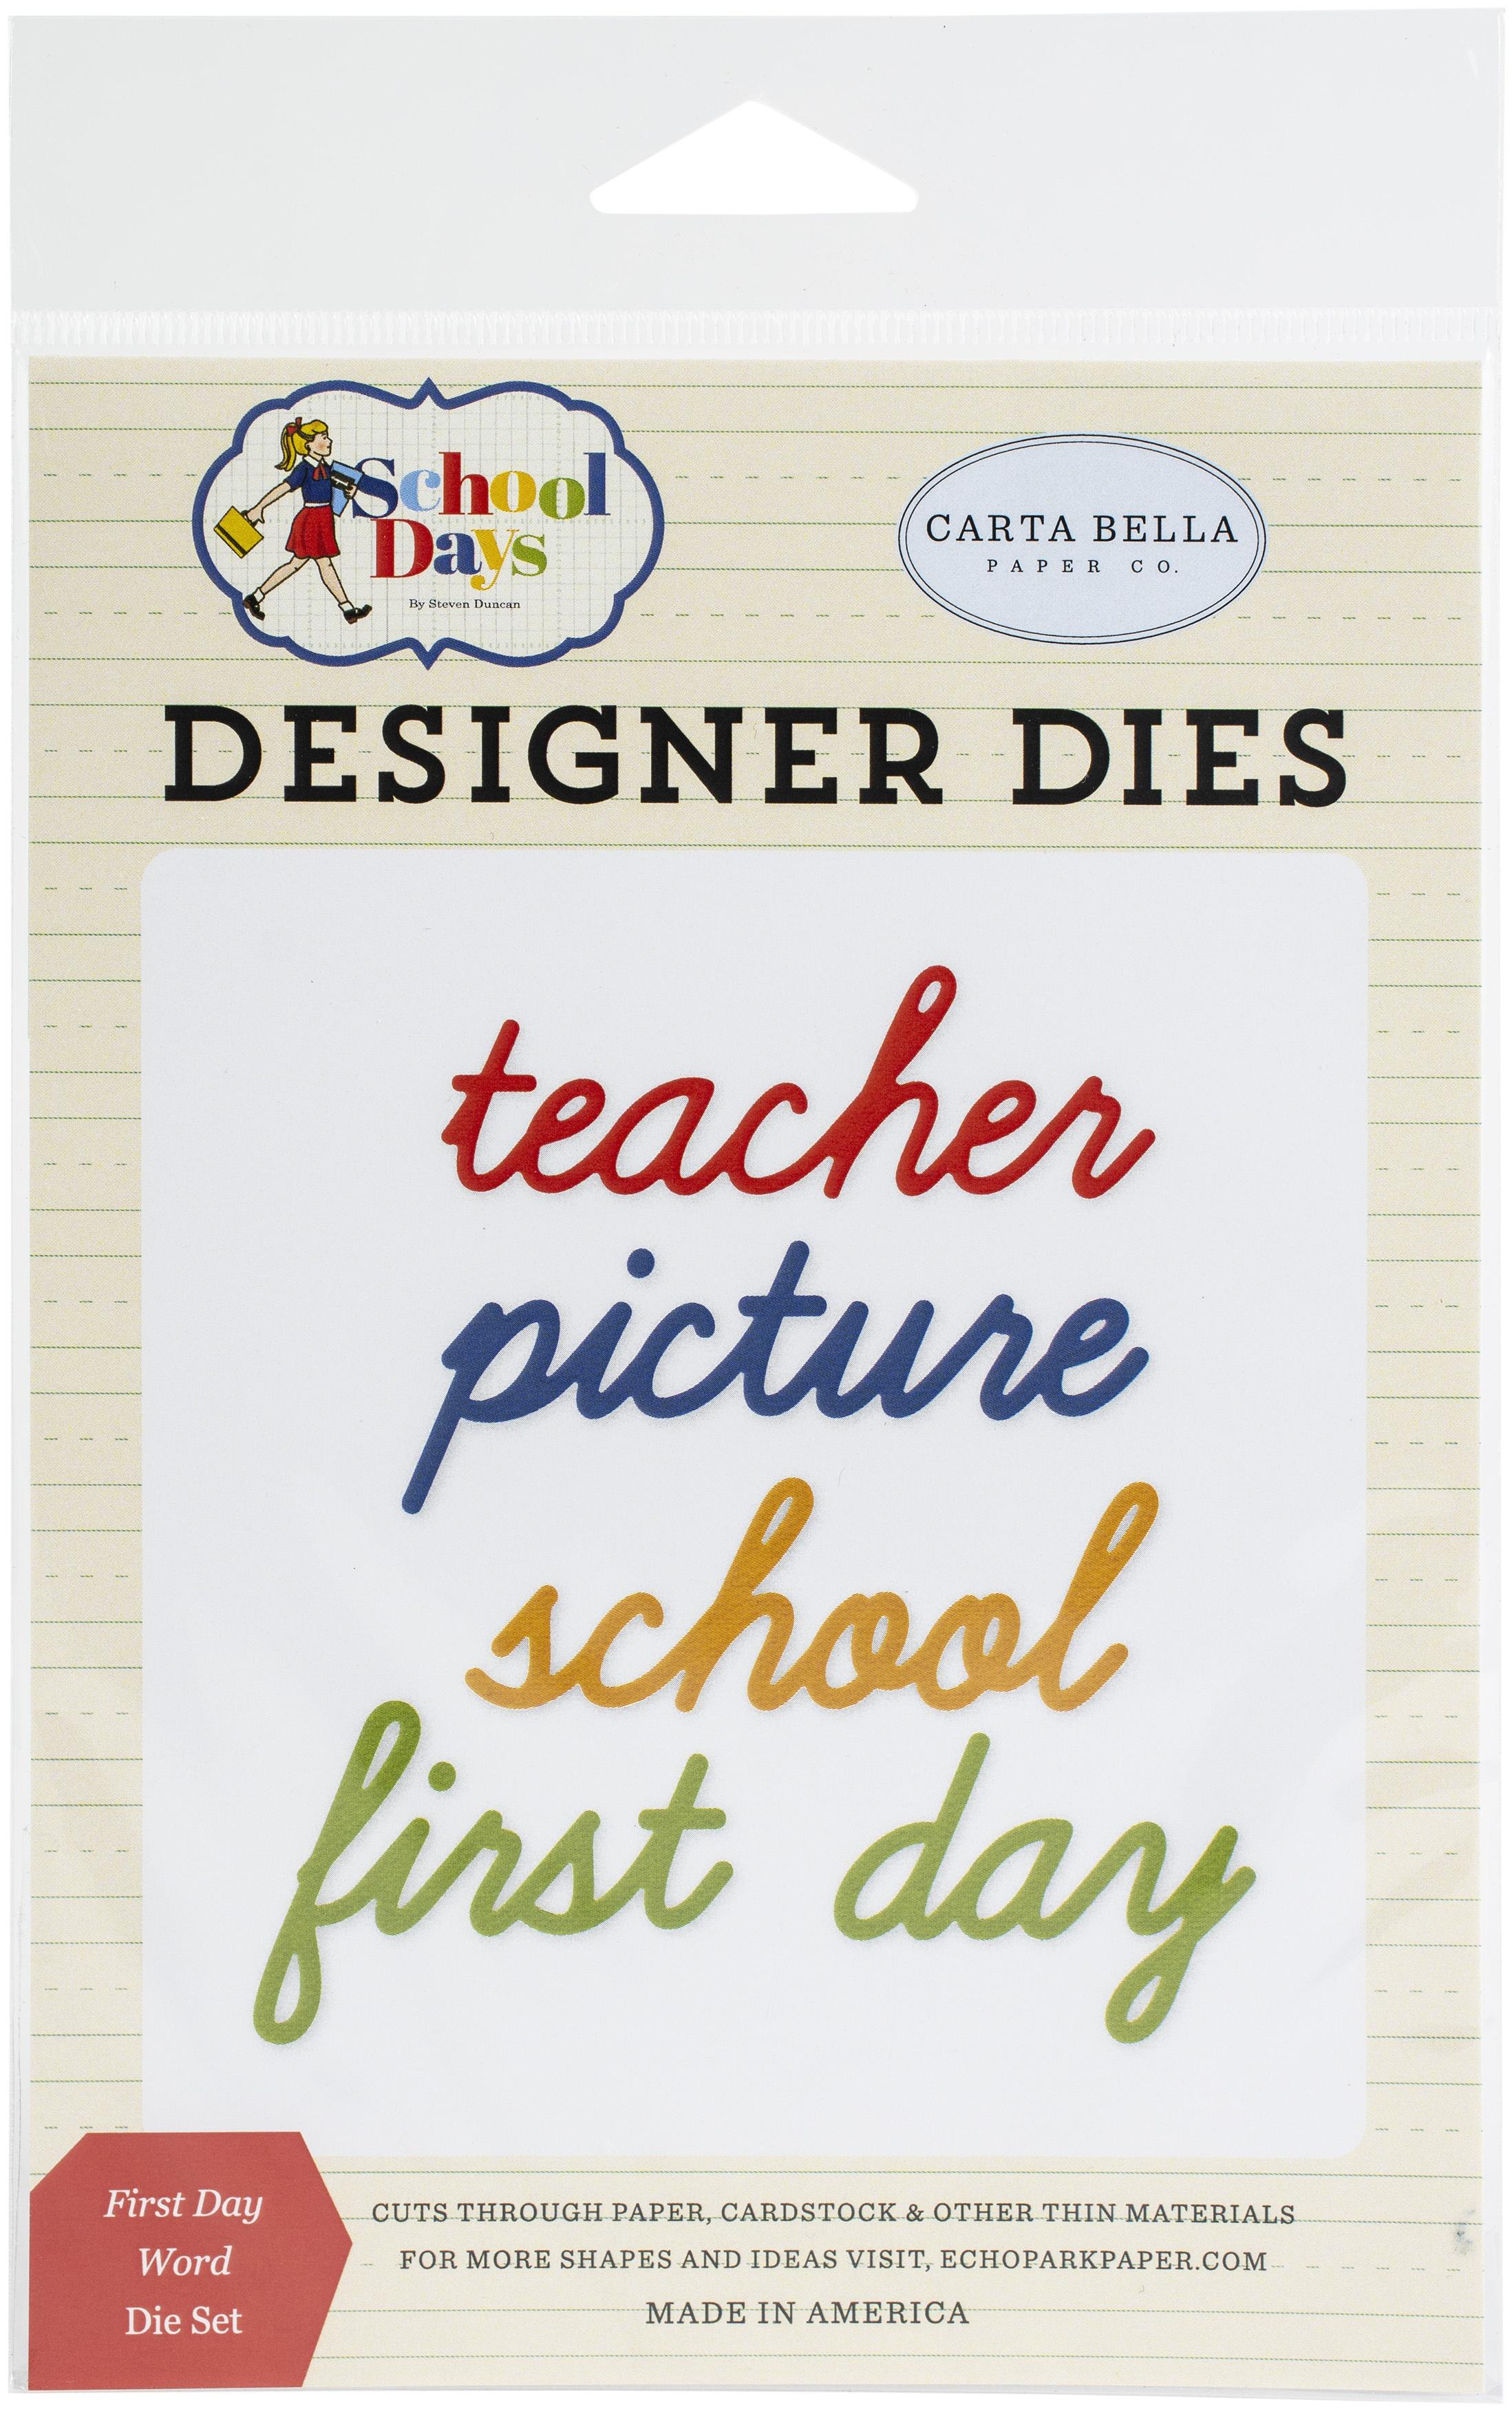 First Day, School Days Die Set